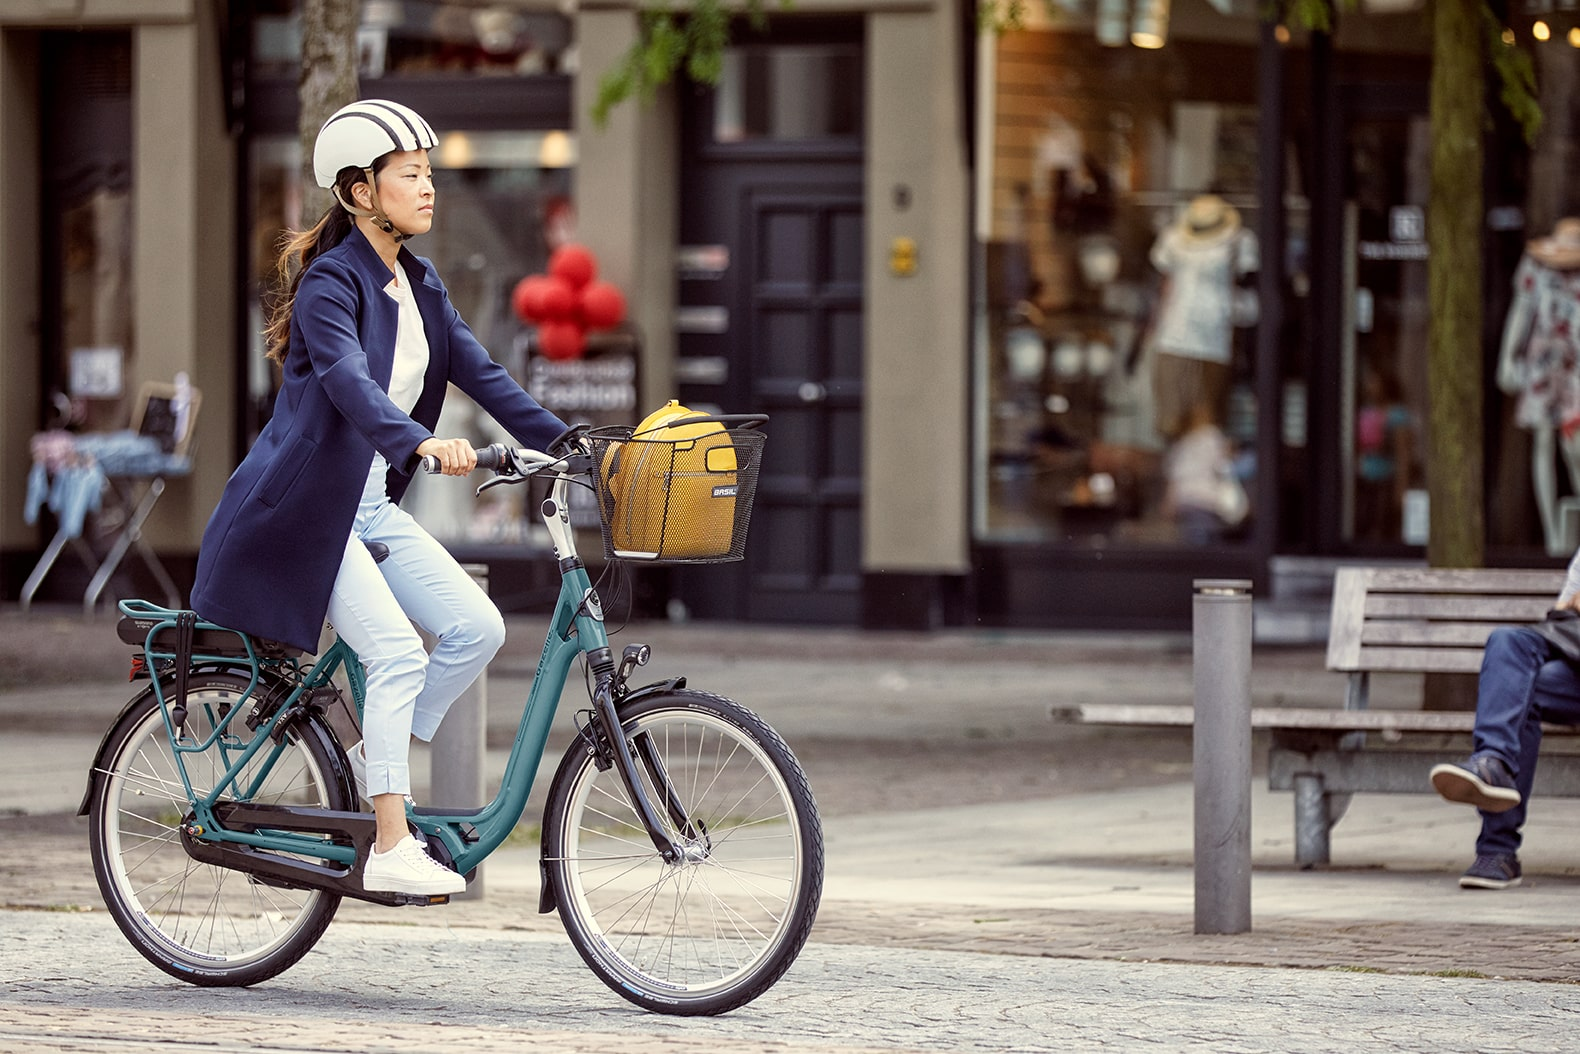 Femme près d'un vélo | Ami C8 HMS